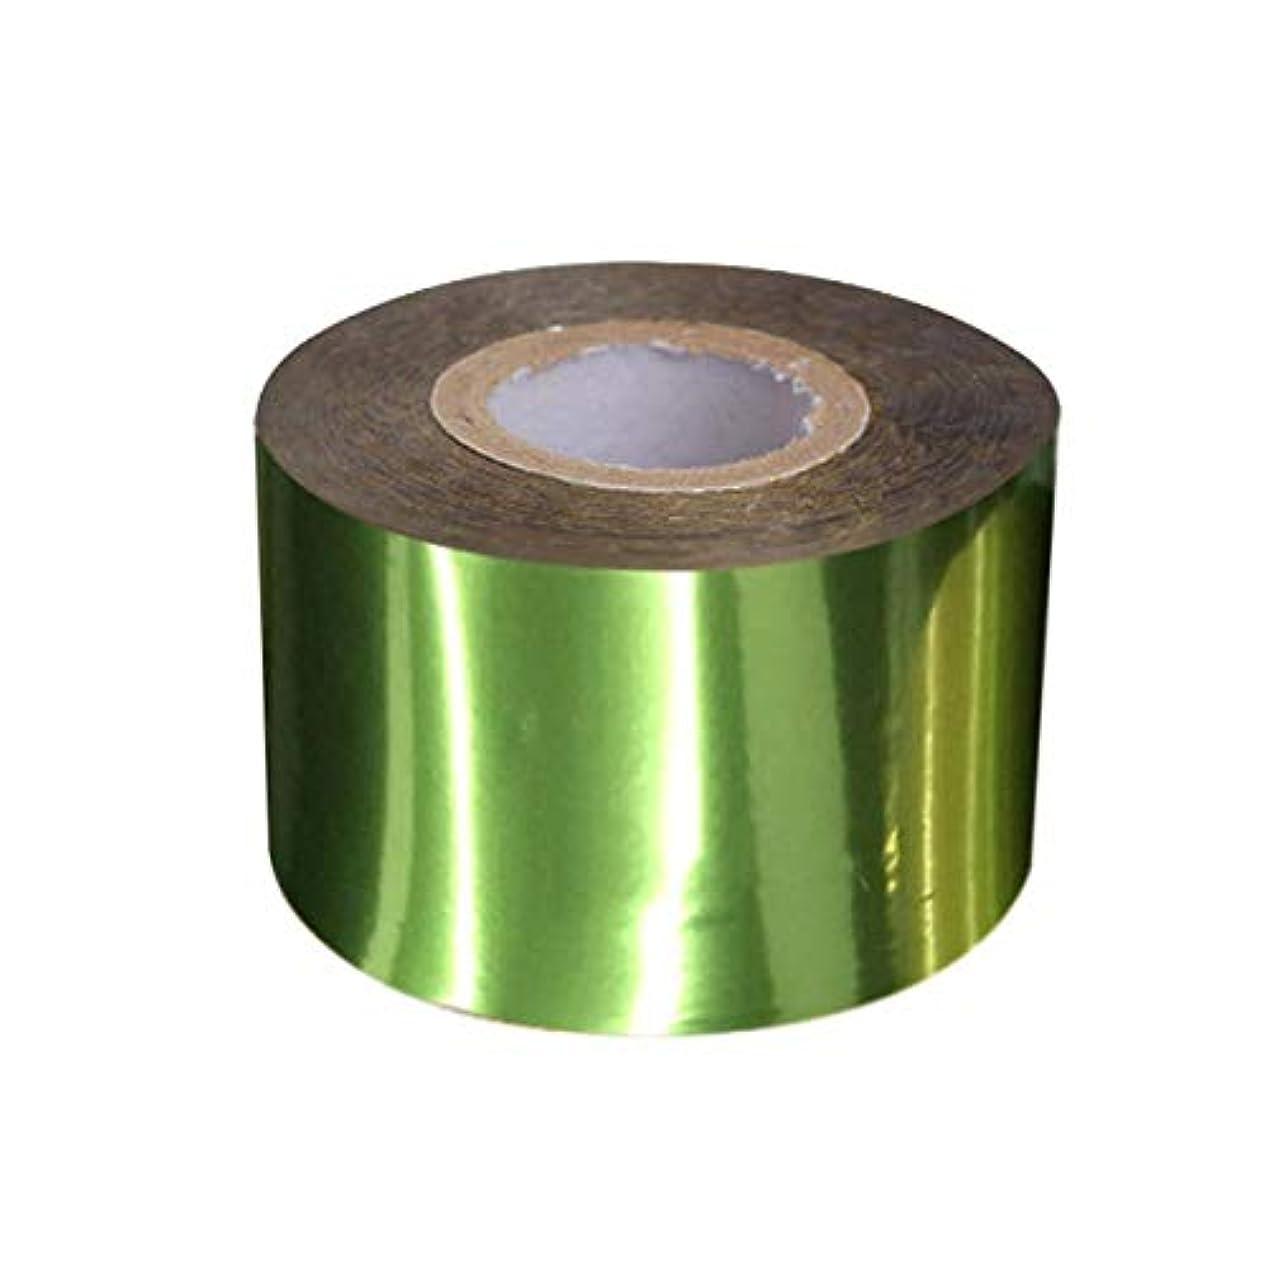 シガレットほんの代替SUKTI&XIAO ネイルステッカー 120M * 4Cmホログラフィックマット星空ピュアカラーネイルアート転写箔ホログラフィックシルバーゴールドネイルデザイン転写ステッカー、グリーン